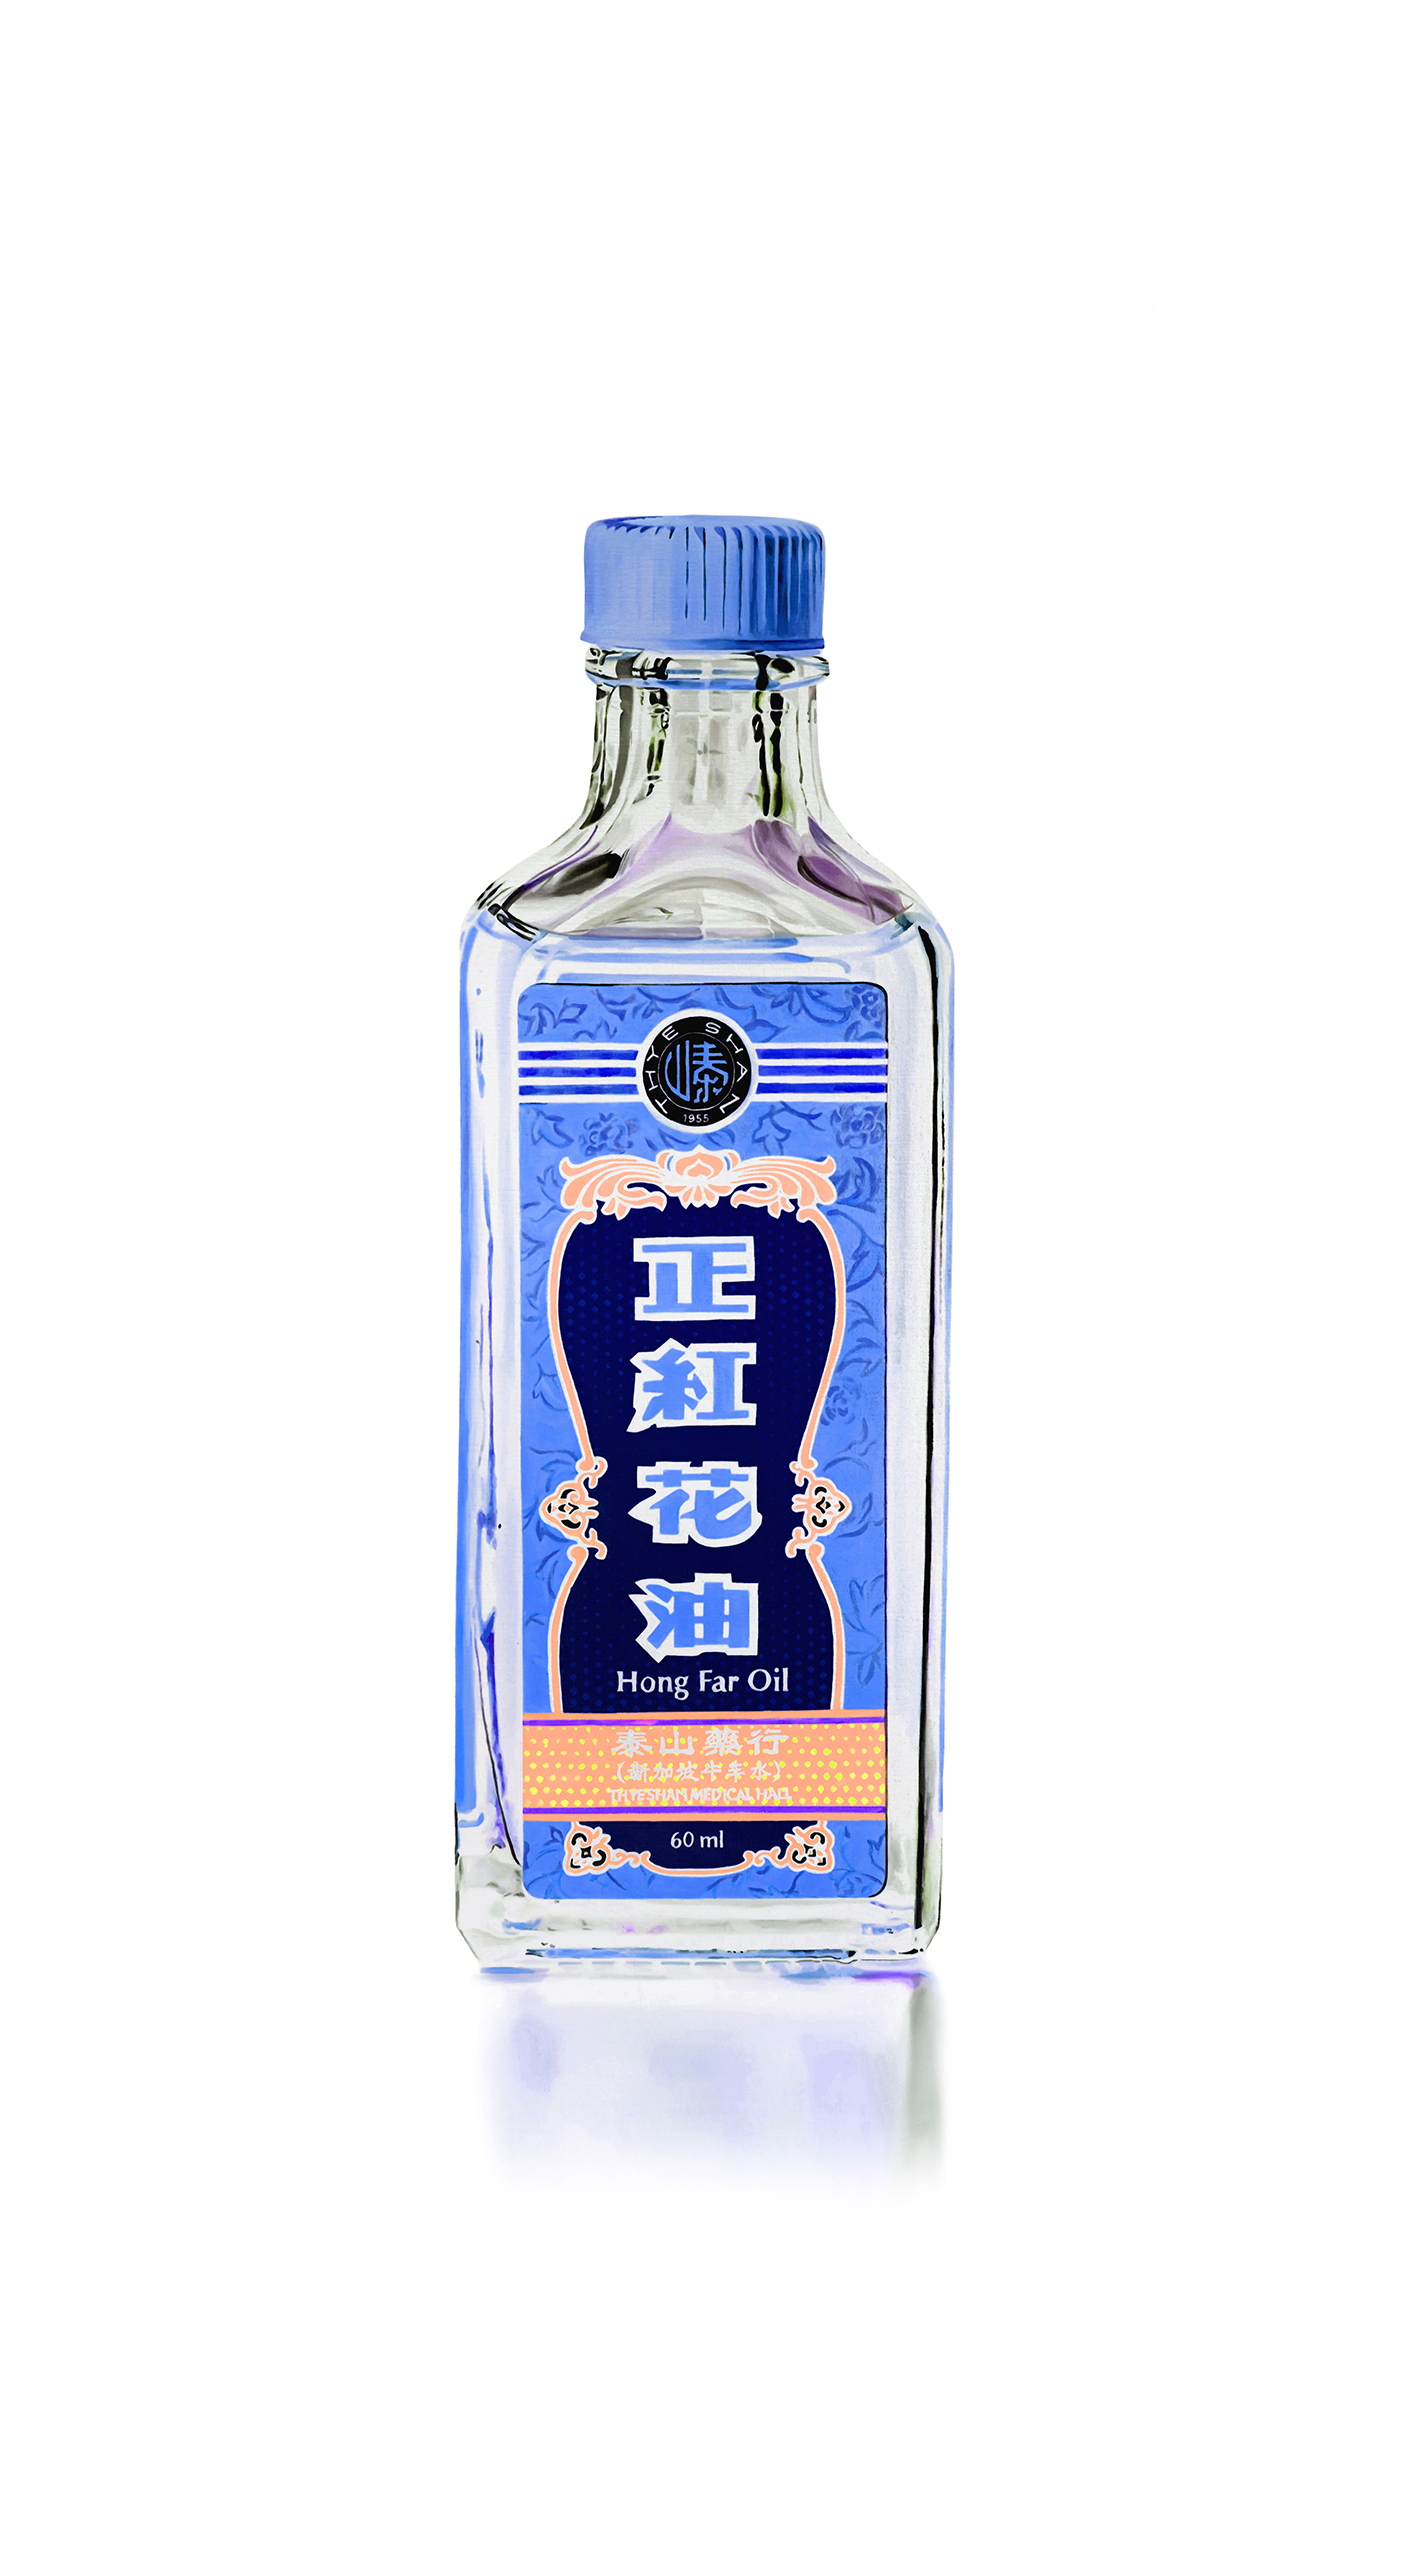 Bottle #5a